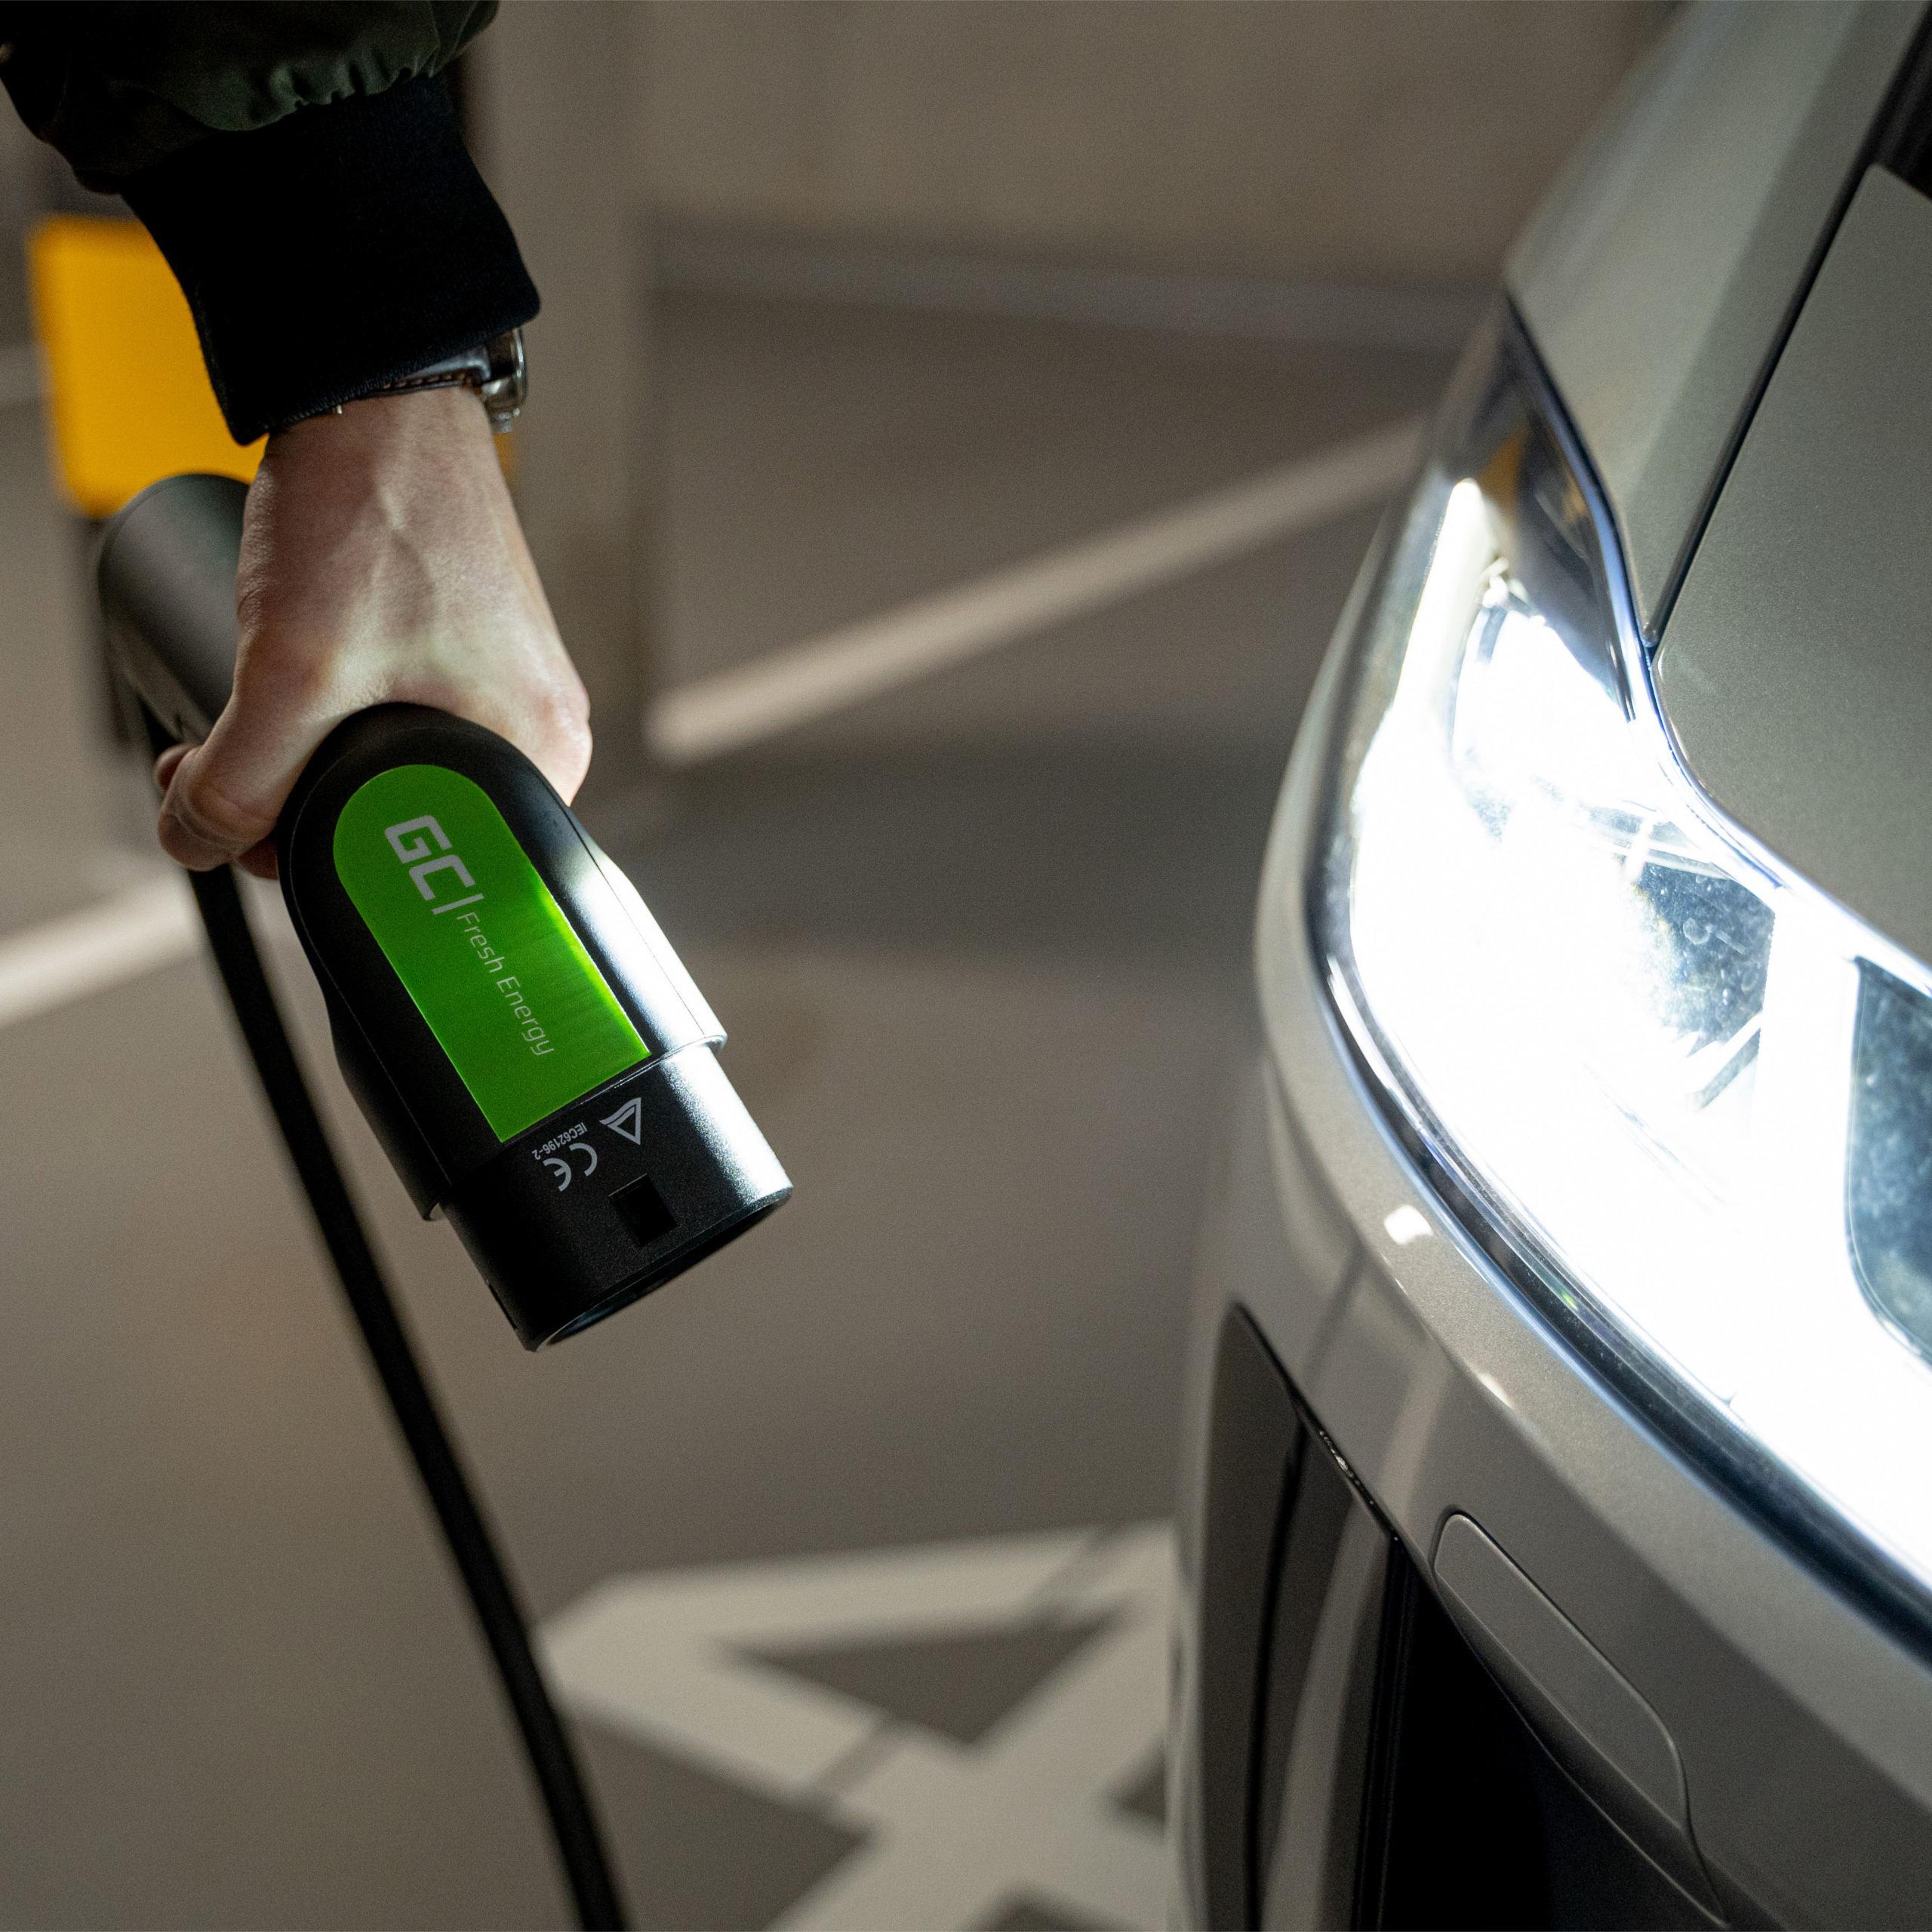 Green Cell Nabíjecí kabel Type 2 11kW 5m pro nabíjení EV Tesla Model 3 / S / X, Leaf, ZOE, i3, ID.3, I-Pace, E-Tron, Kona, Ioniq